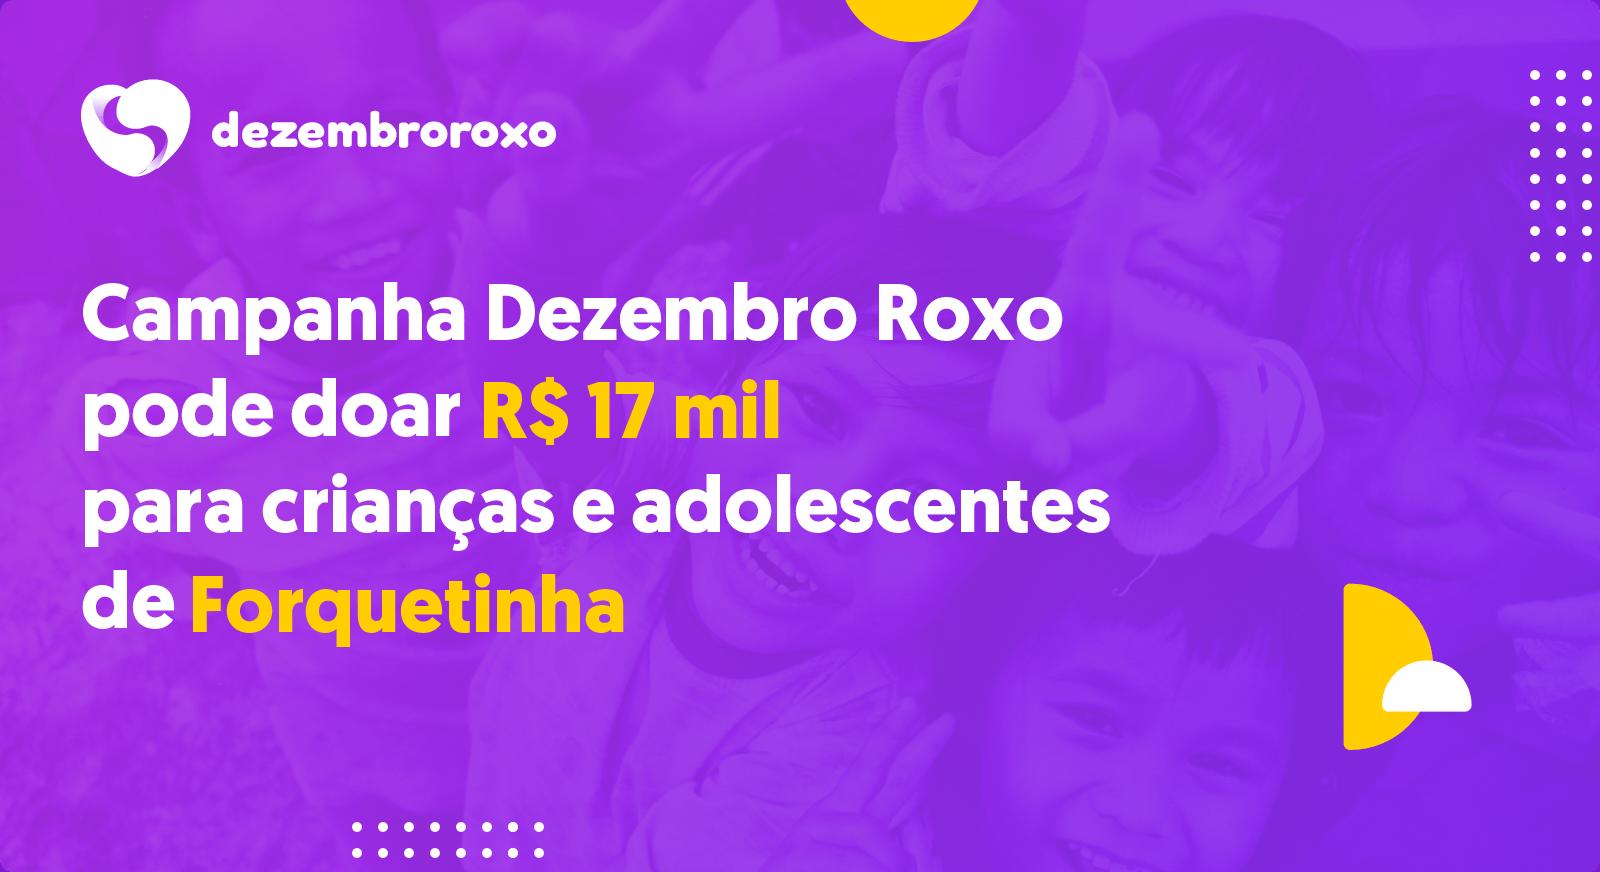 Doações em Forquetinha - RS